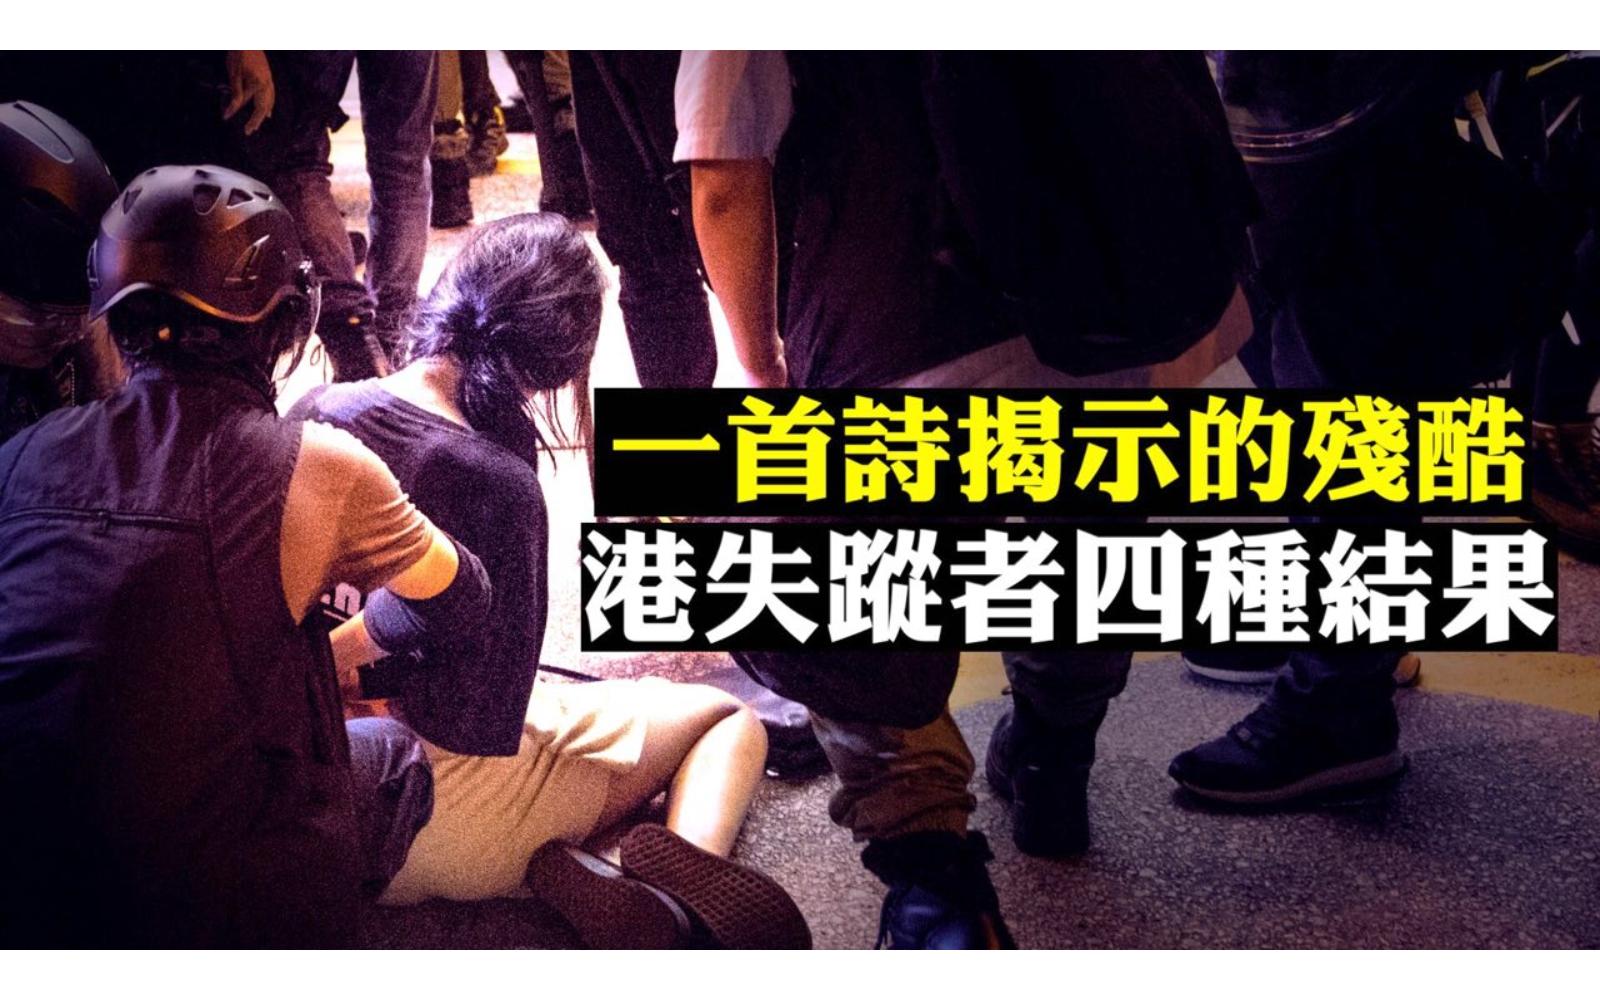 警方近日公佈,反送中至今已有超過6,000人被捕。這些警方公佈出來的數字,有名有姓,雖然被捕,但是外界知道這個人的處境。可是最恐怖的是,反送中以來,香港出現了眾多的失蹤人口。(新唐人合成)